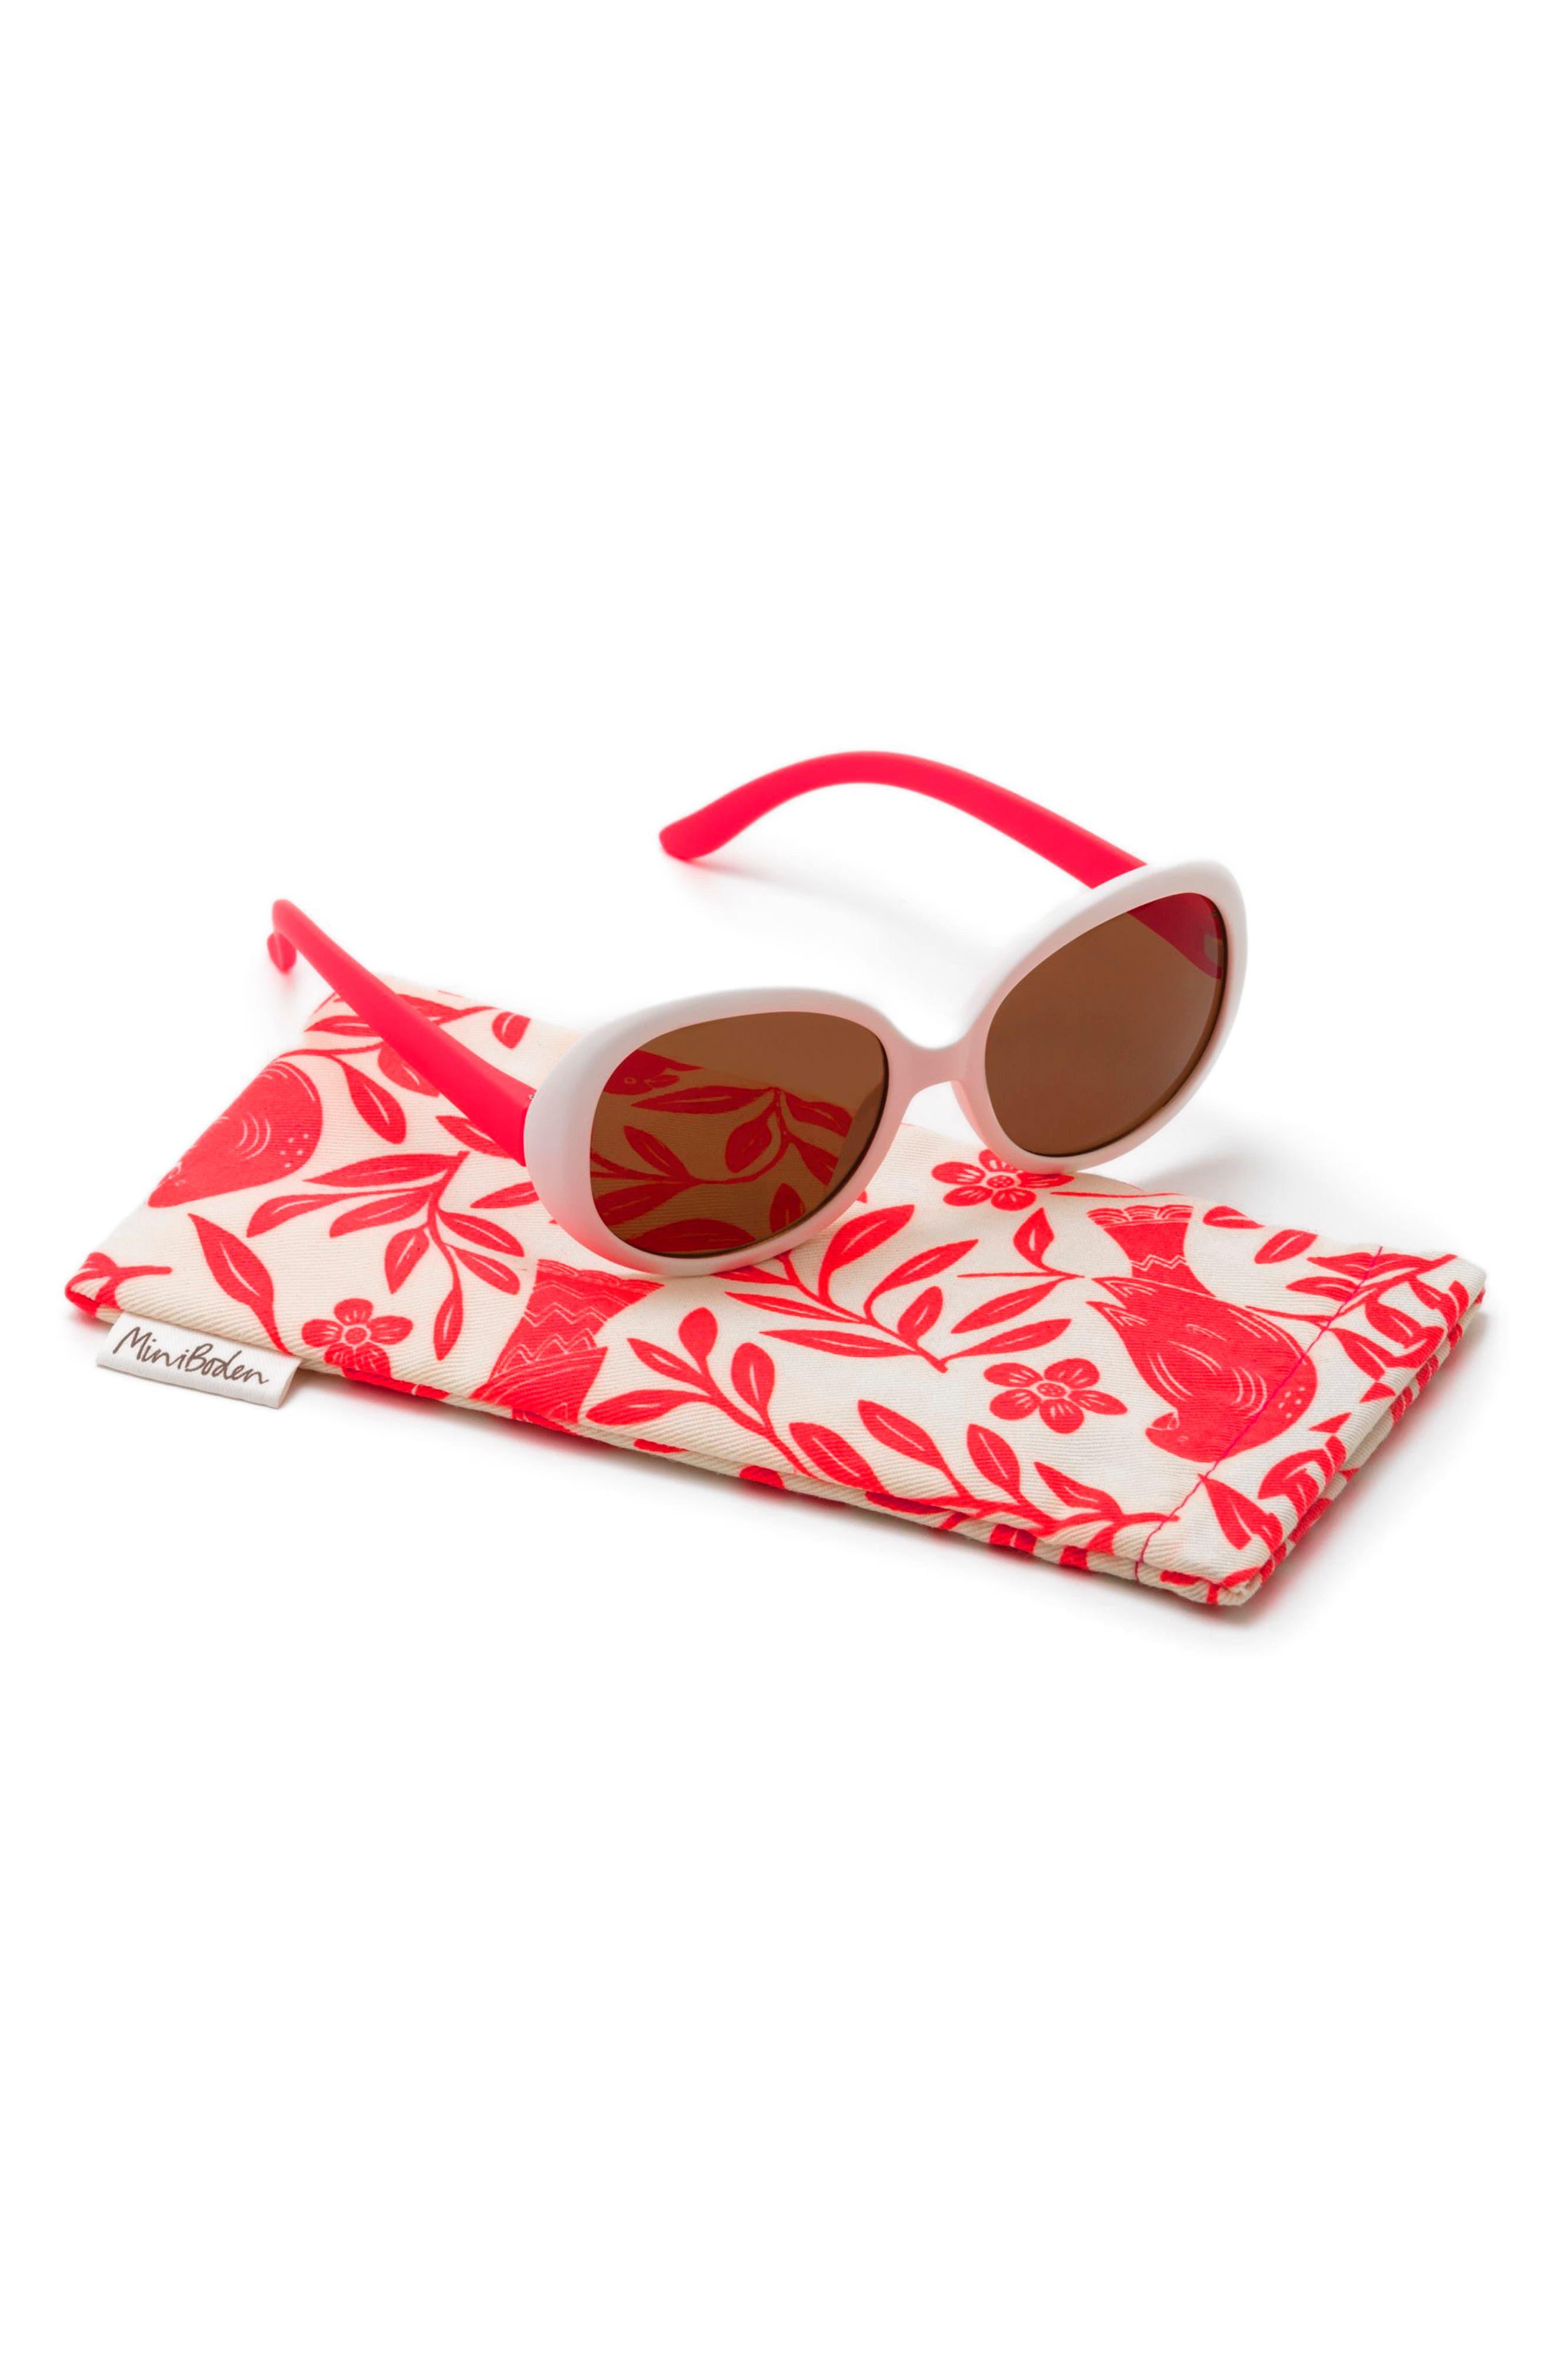 Mini Boden Sunglasses,                             Main thumbnail 1, color,                             White